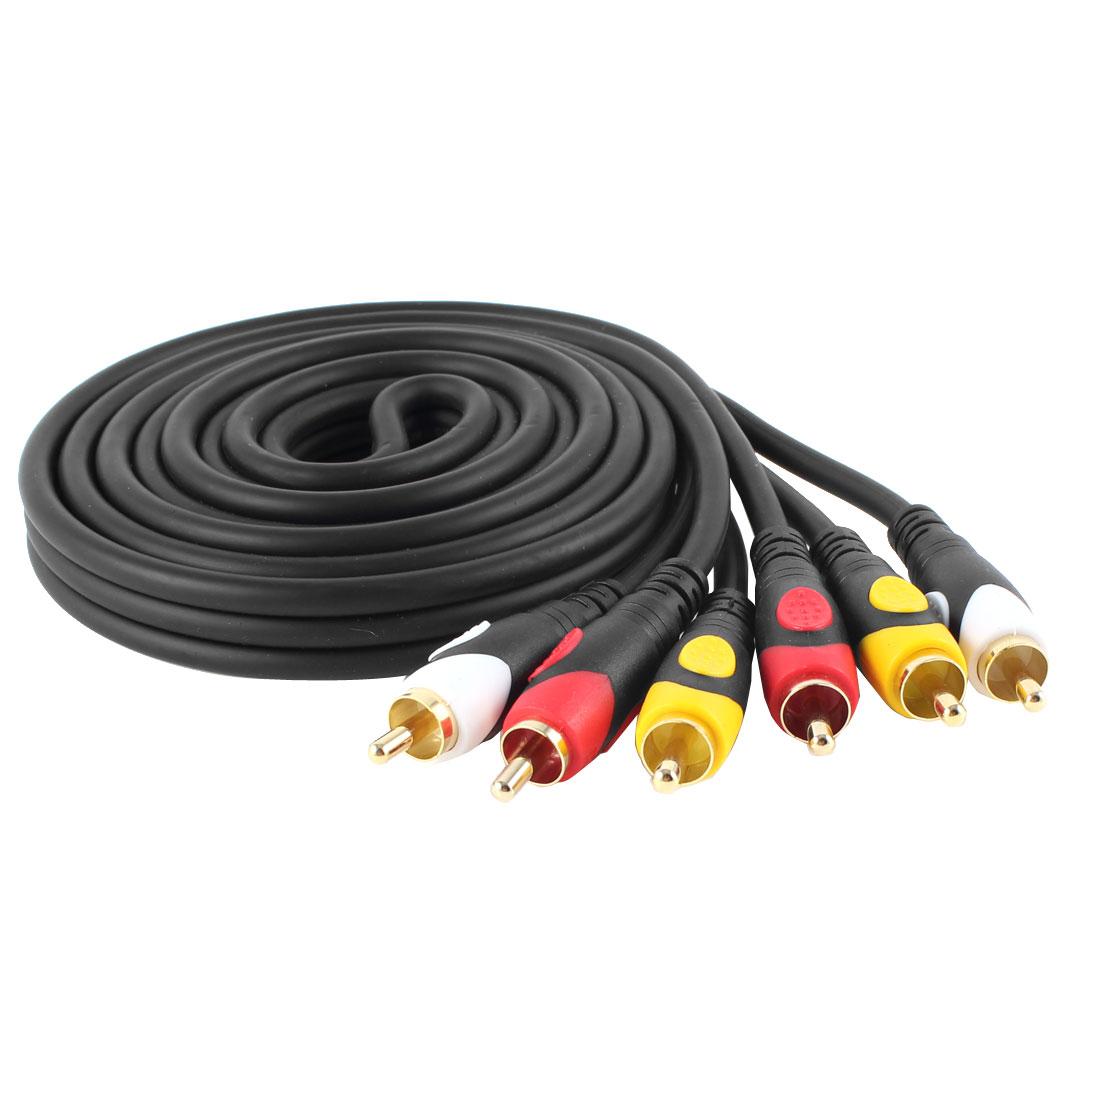 Black Triple 3 Male RCA Composite Audio Video DVD AV 1.8M Cable Cord